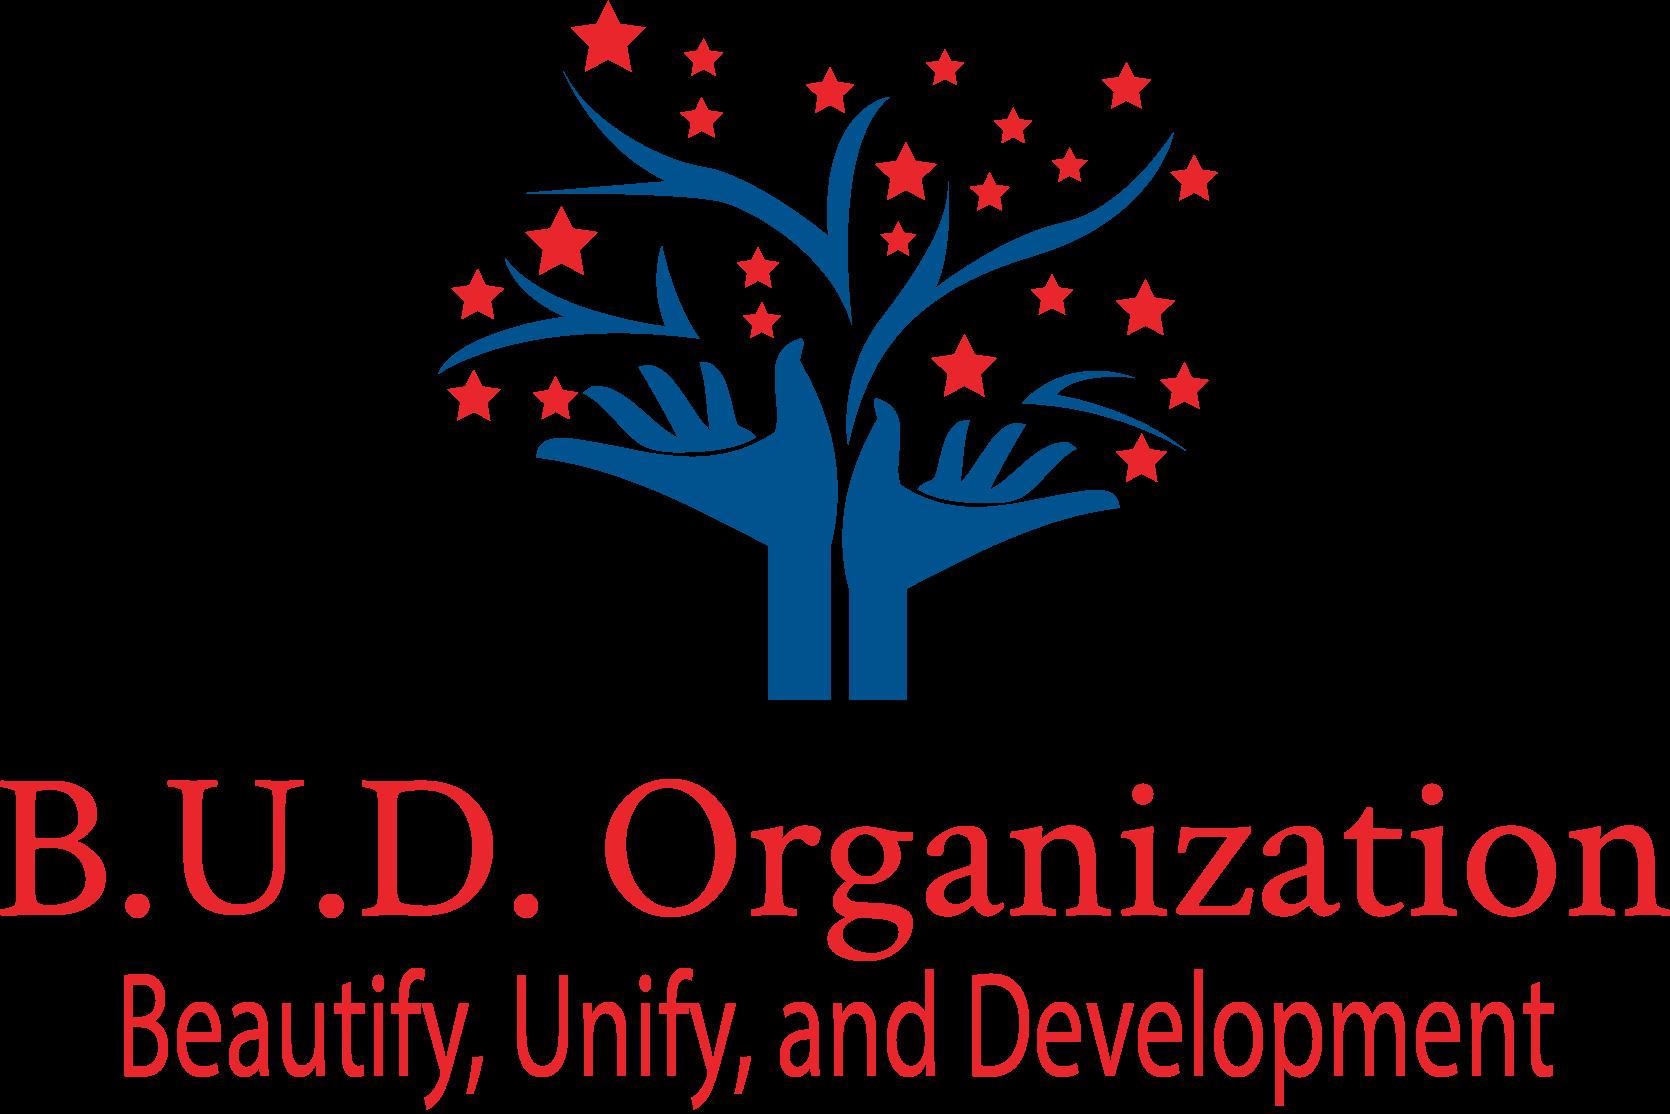 BUD Organization